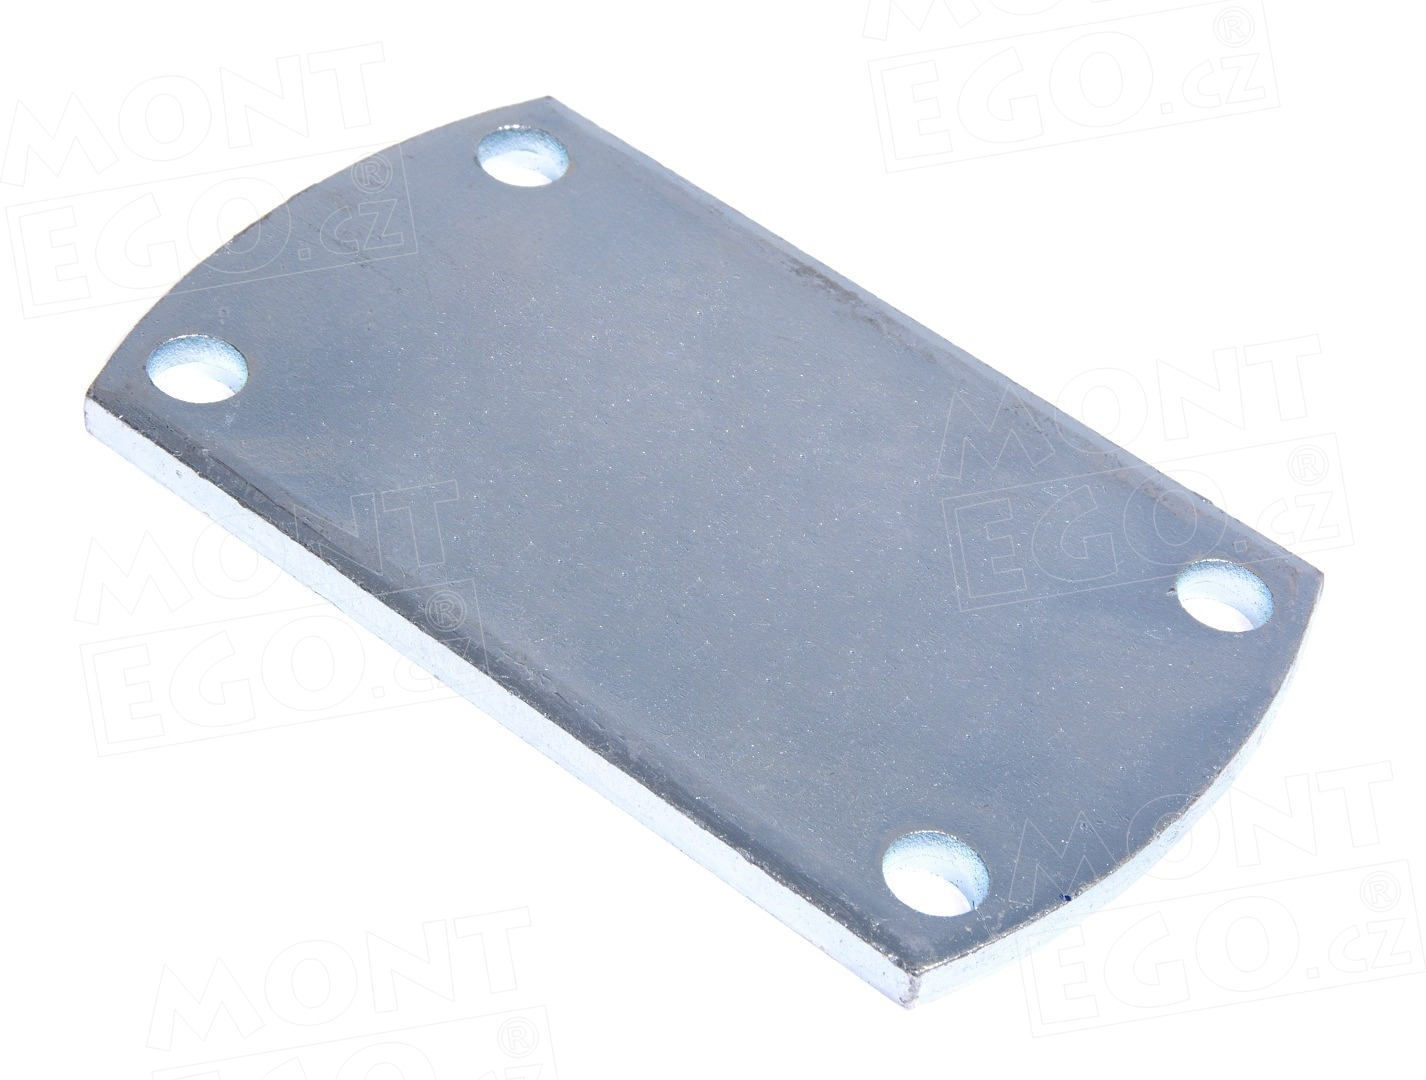 PLA300 základová deska k pohonu Wingo, zadní, PMDPA.4610